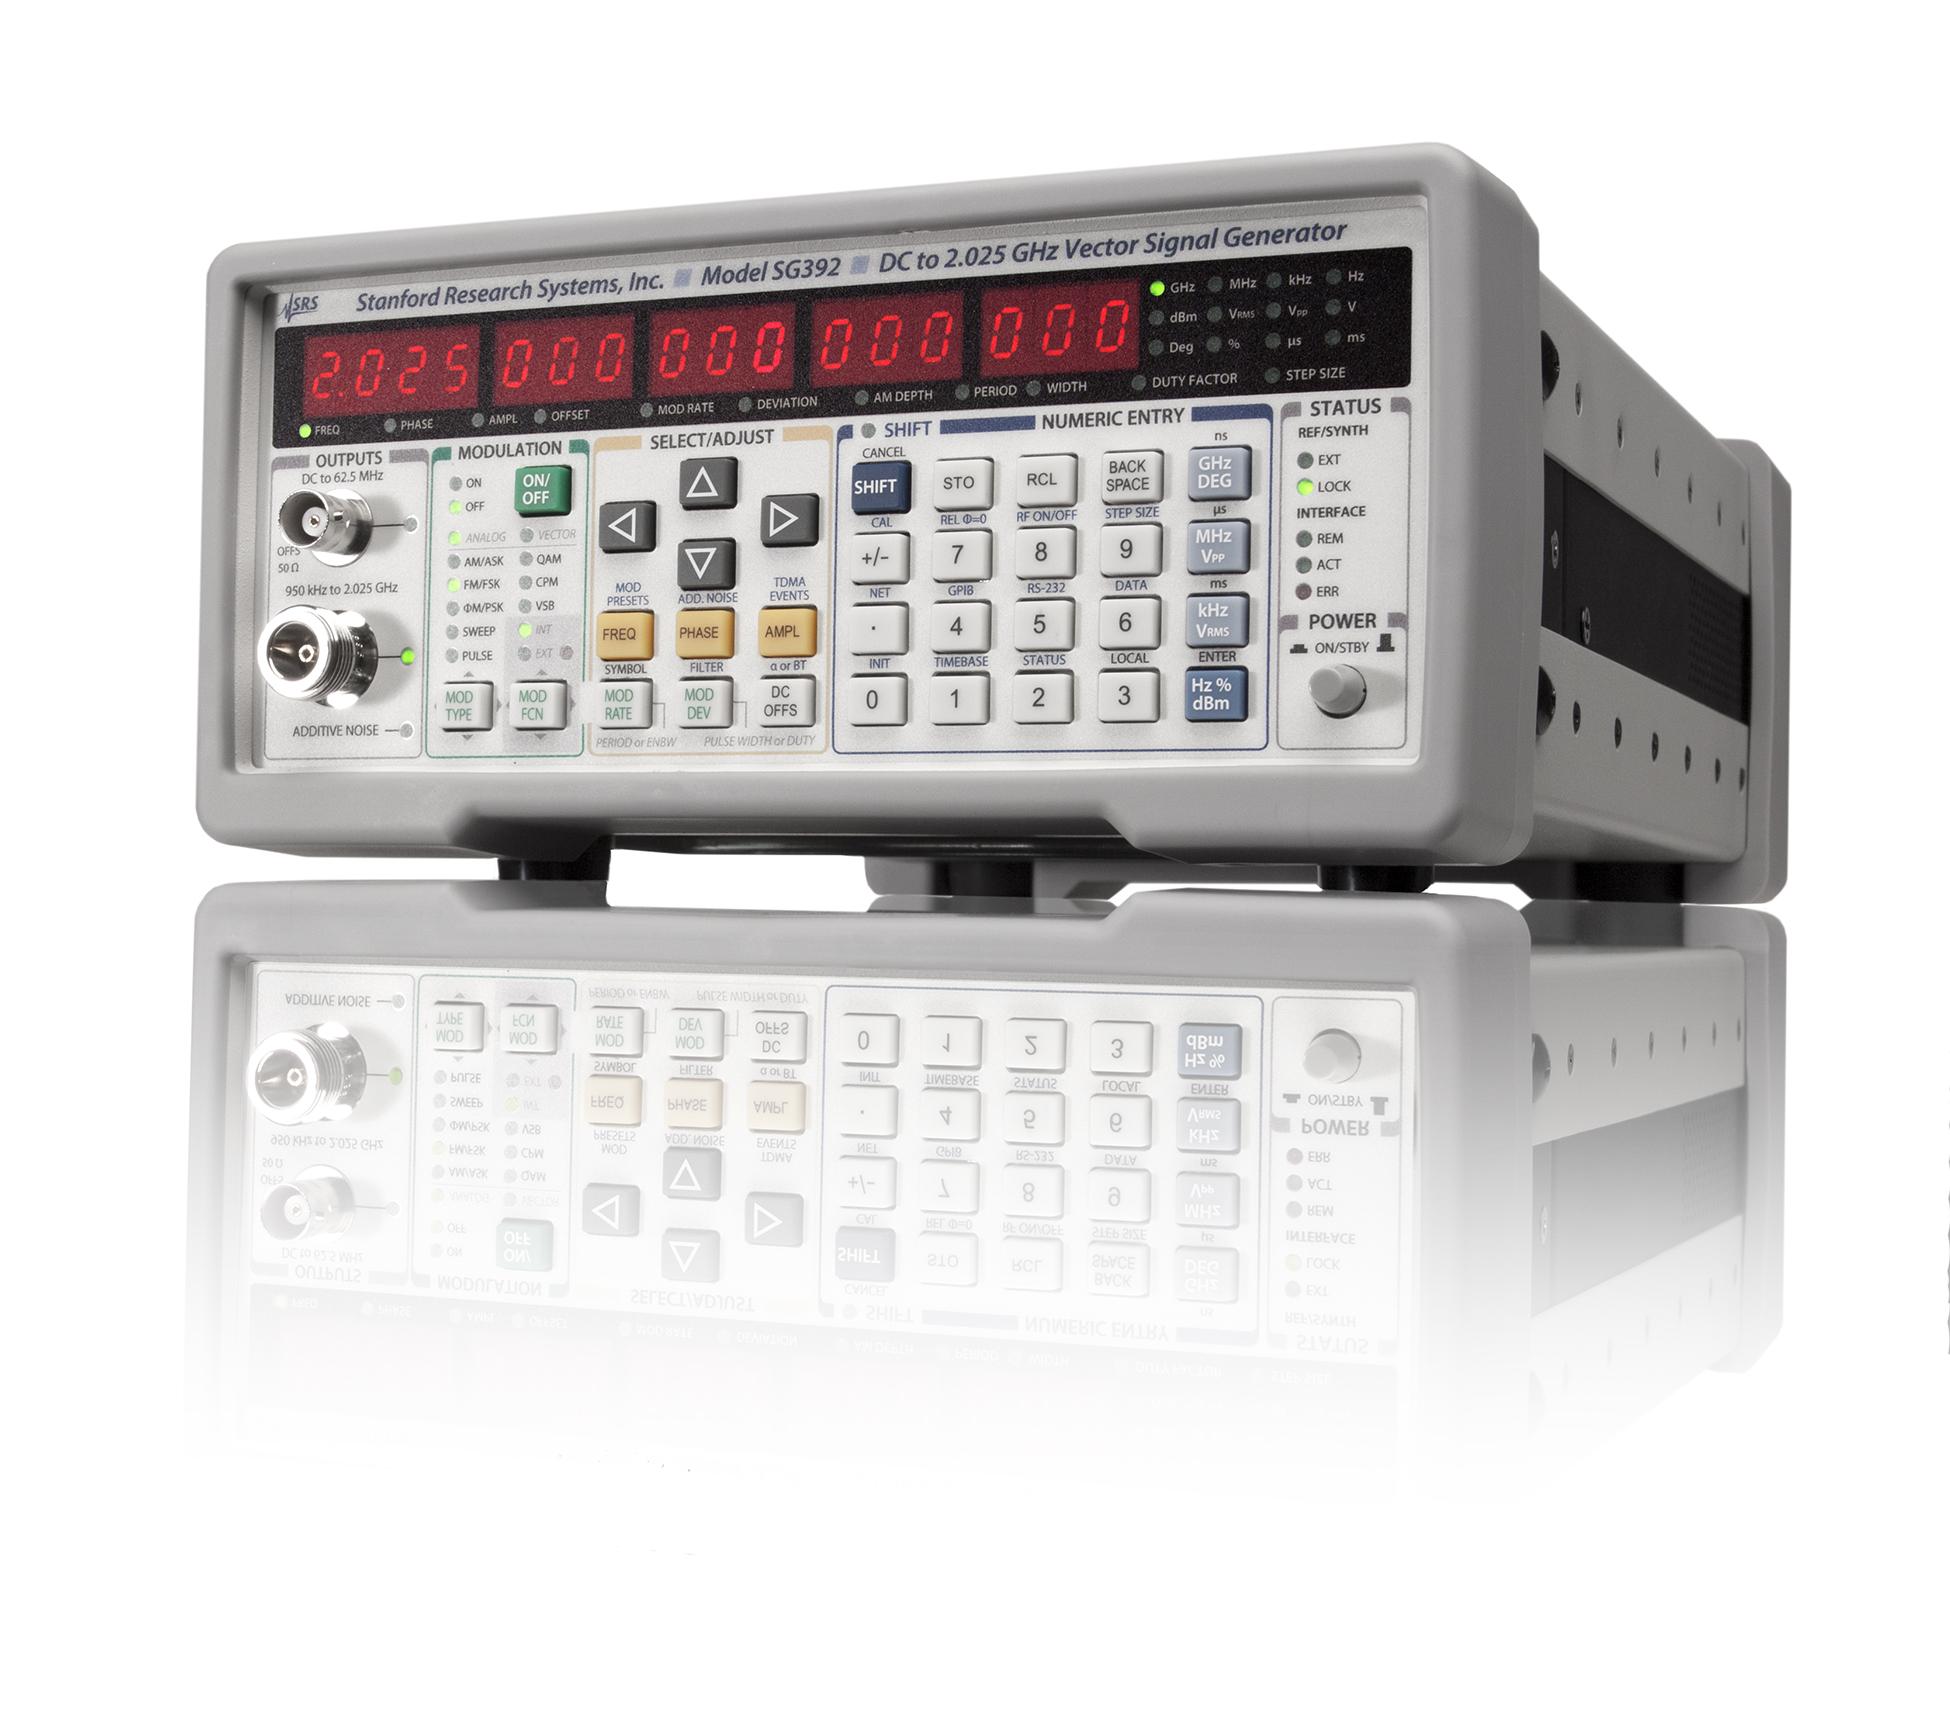 Stanford Research Systems SG392 векторный генератор ВЧ сигналов